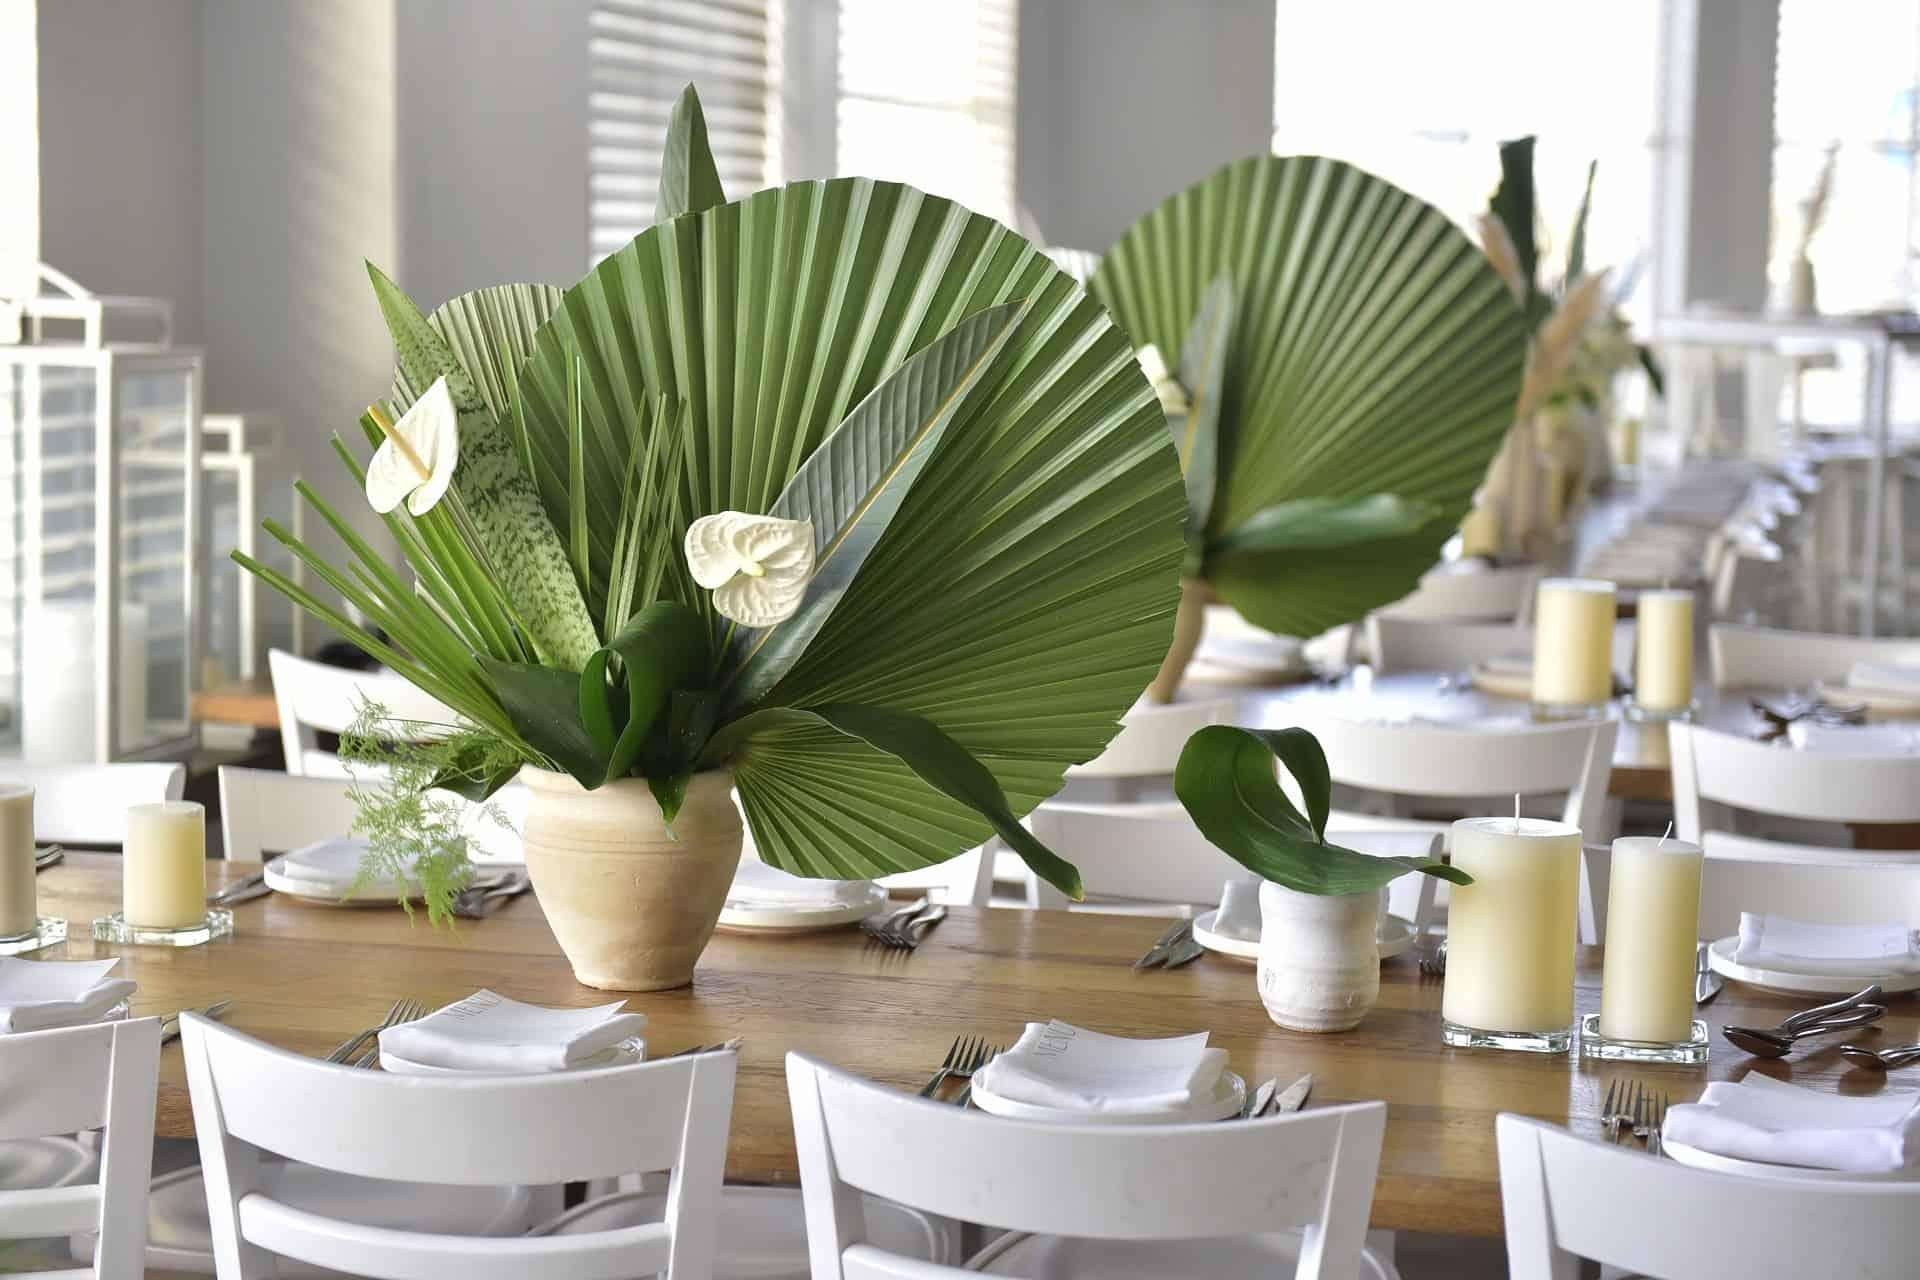 עיצוב שולחן באירוע